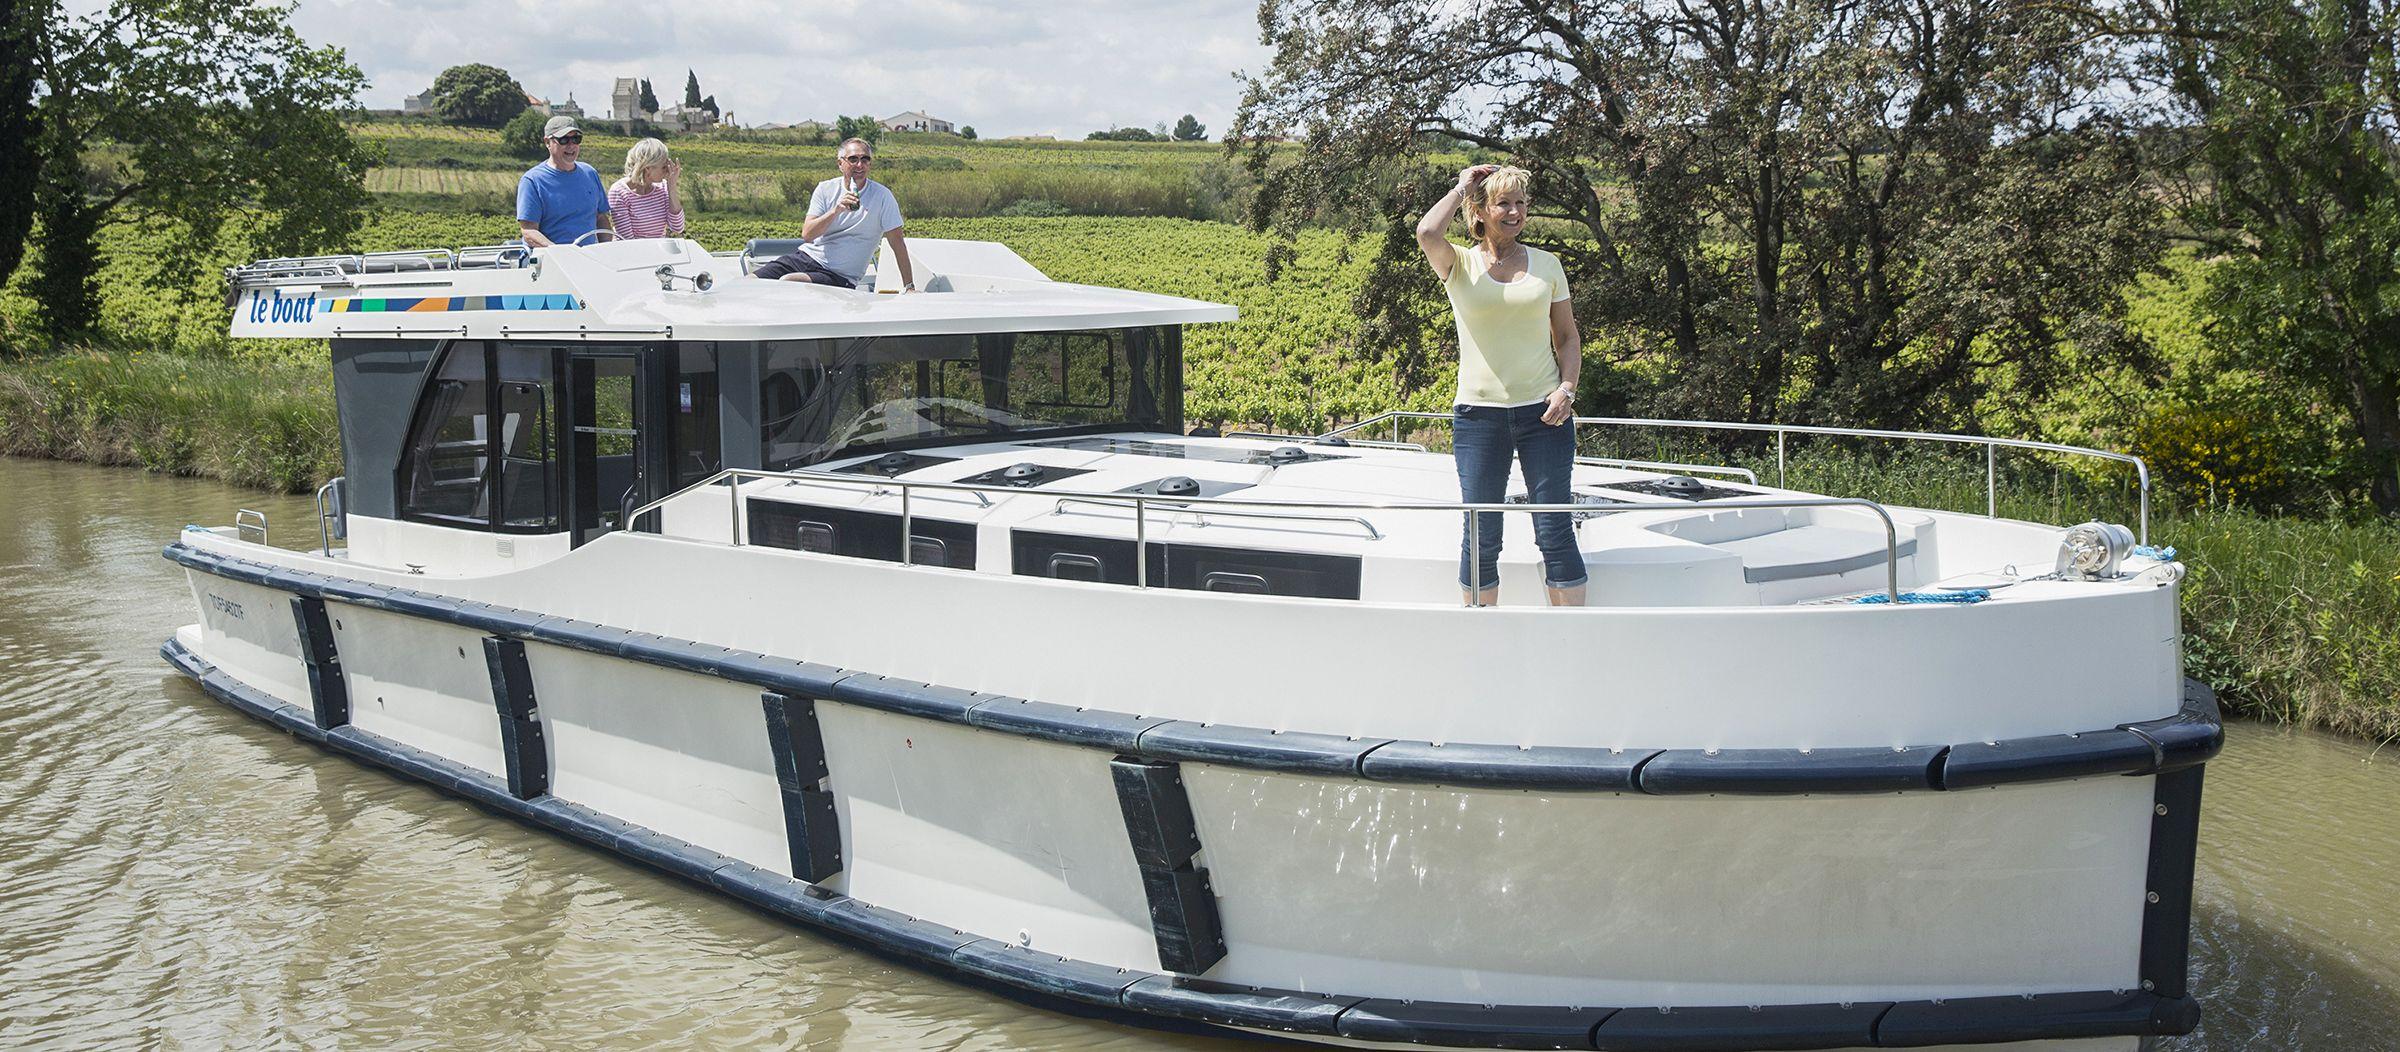 Urlaub auf einem Hausboot von LeBoat in Ontario